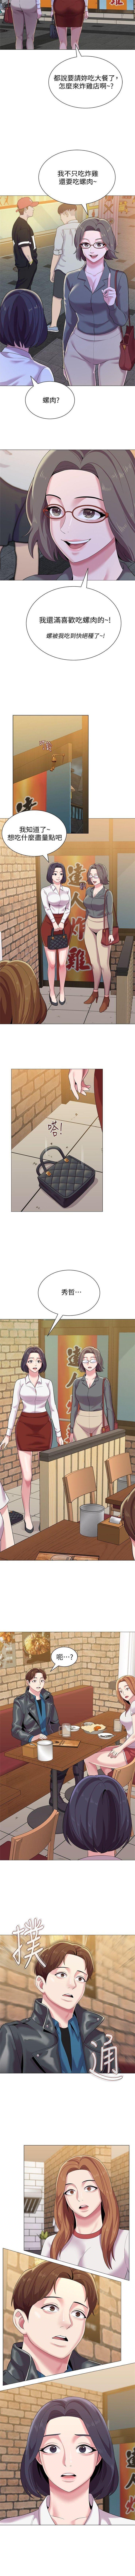 老師 1-80 官方中文(連載中) 177